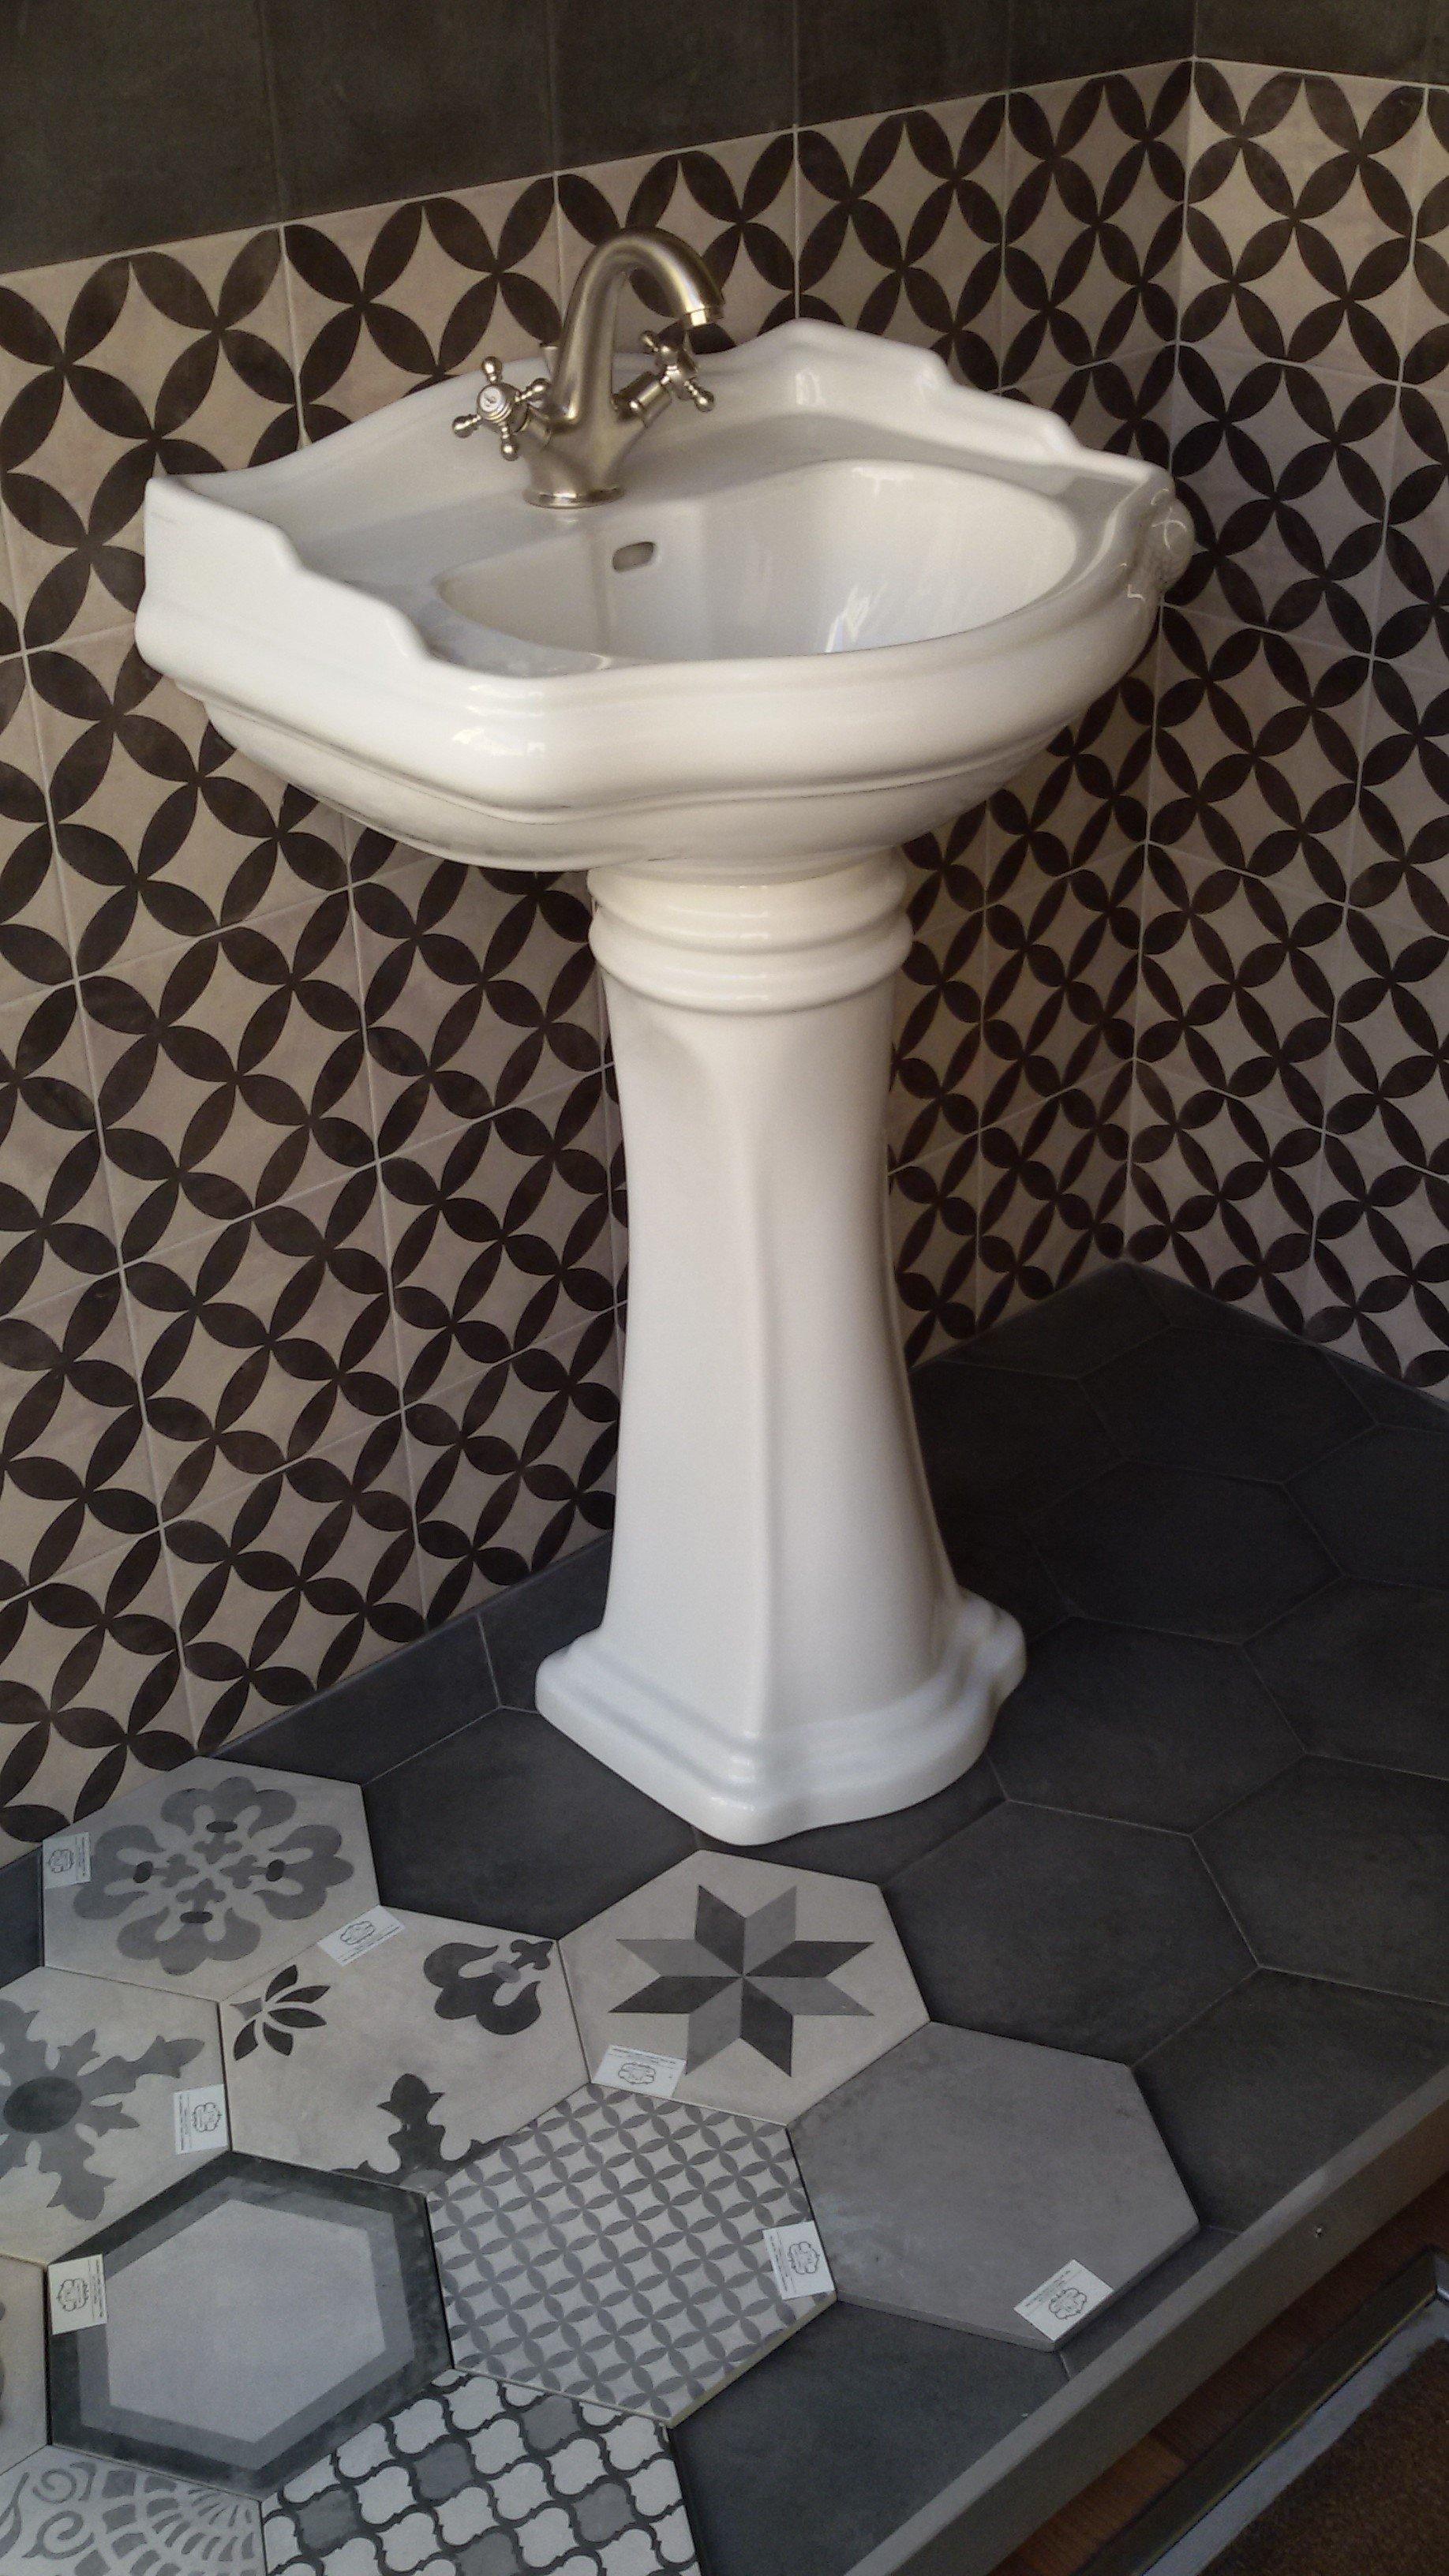 Rivestimenti bagno firenze - Piastrelle bagno firenze ...